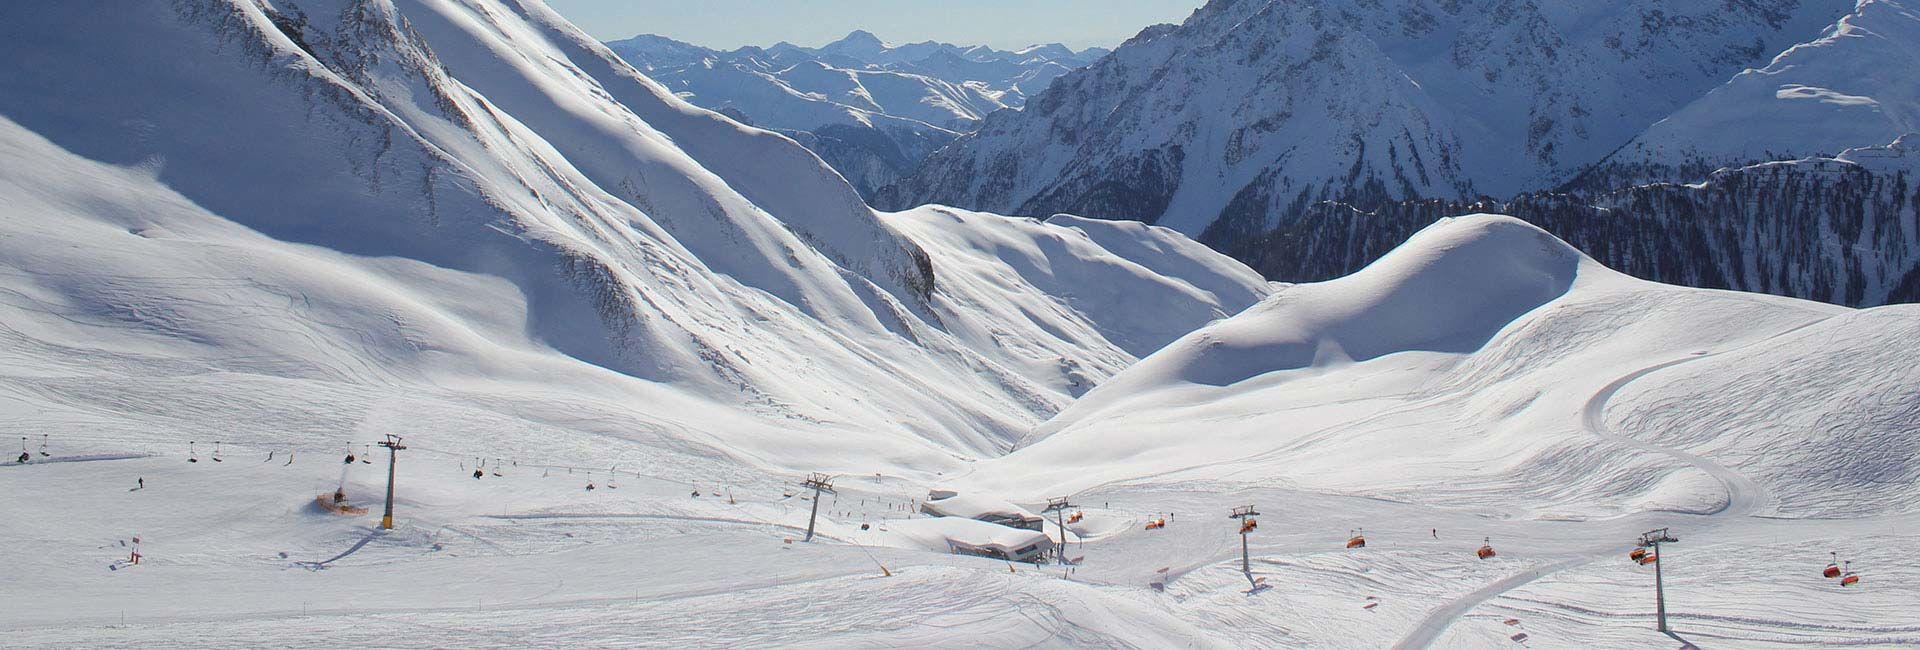 Samnaun Skigebiet